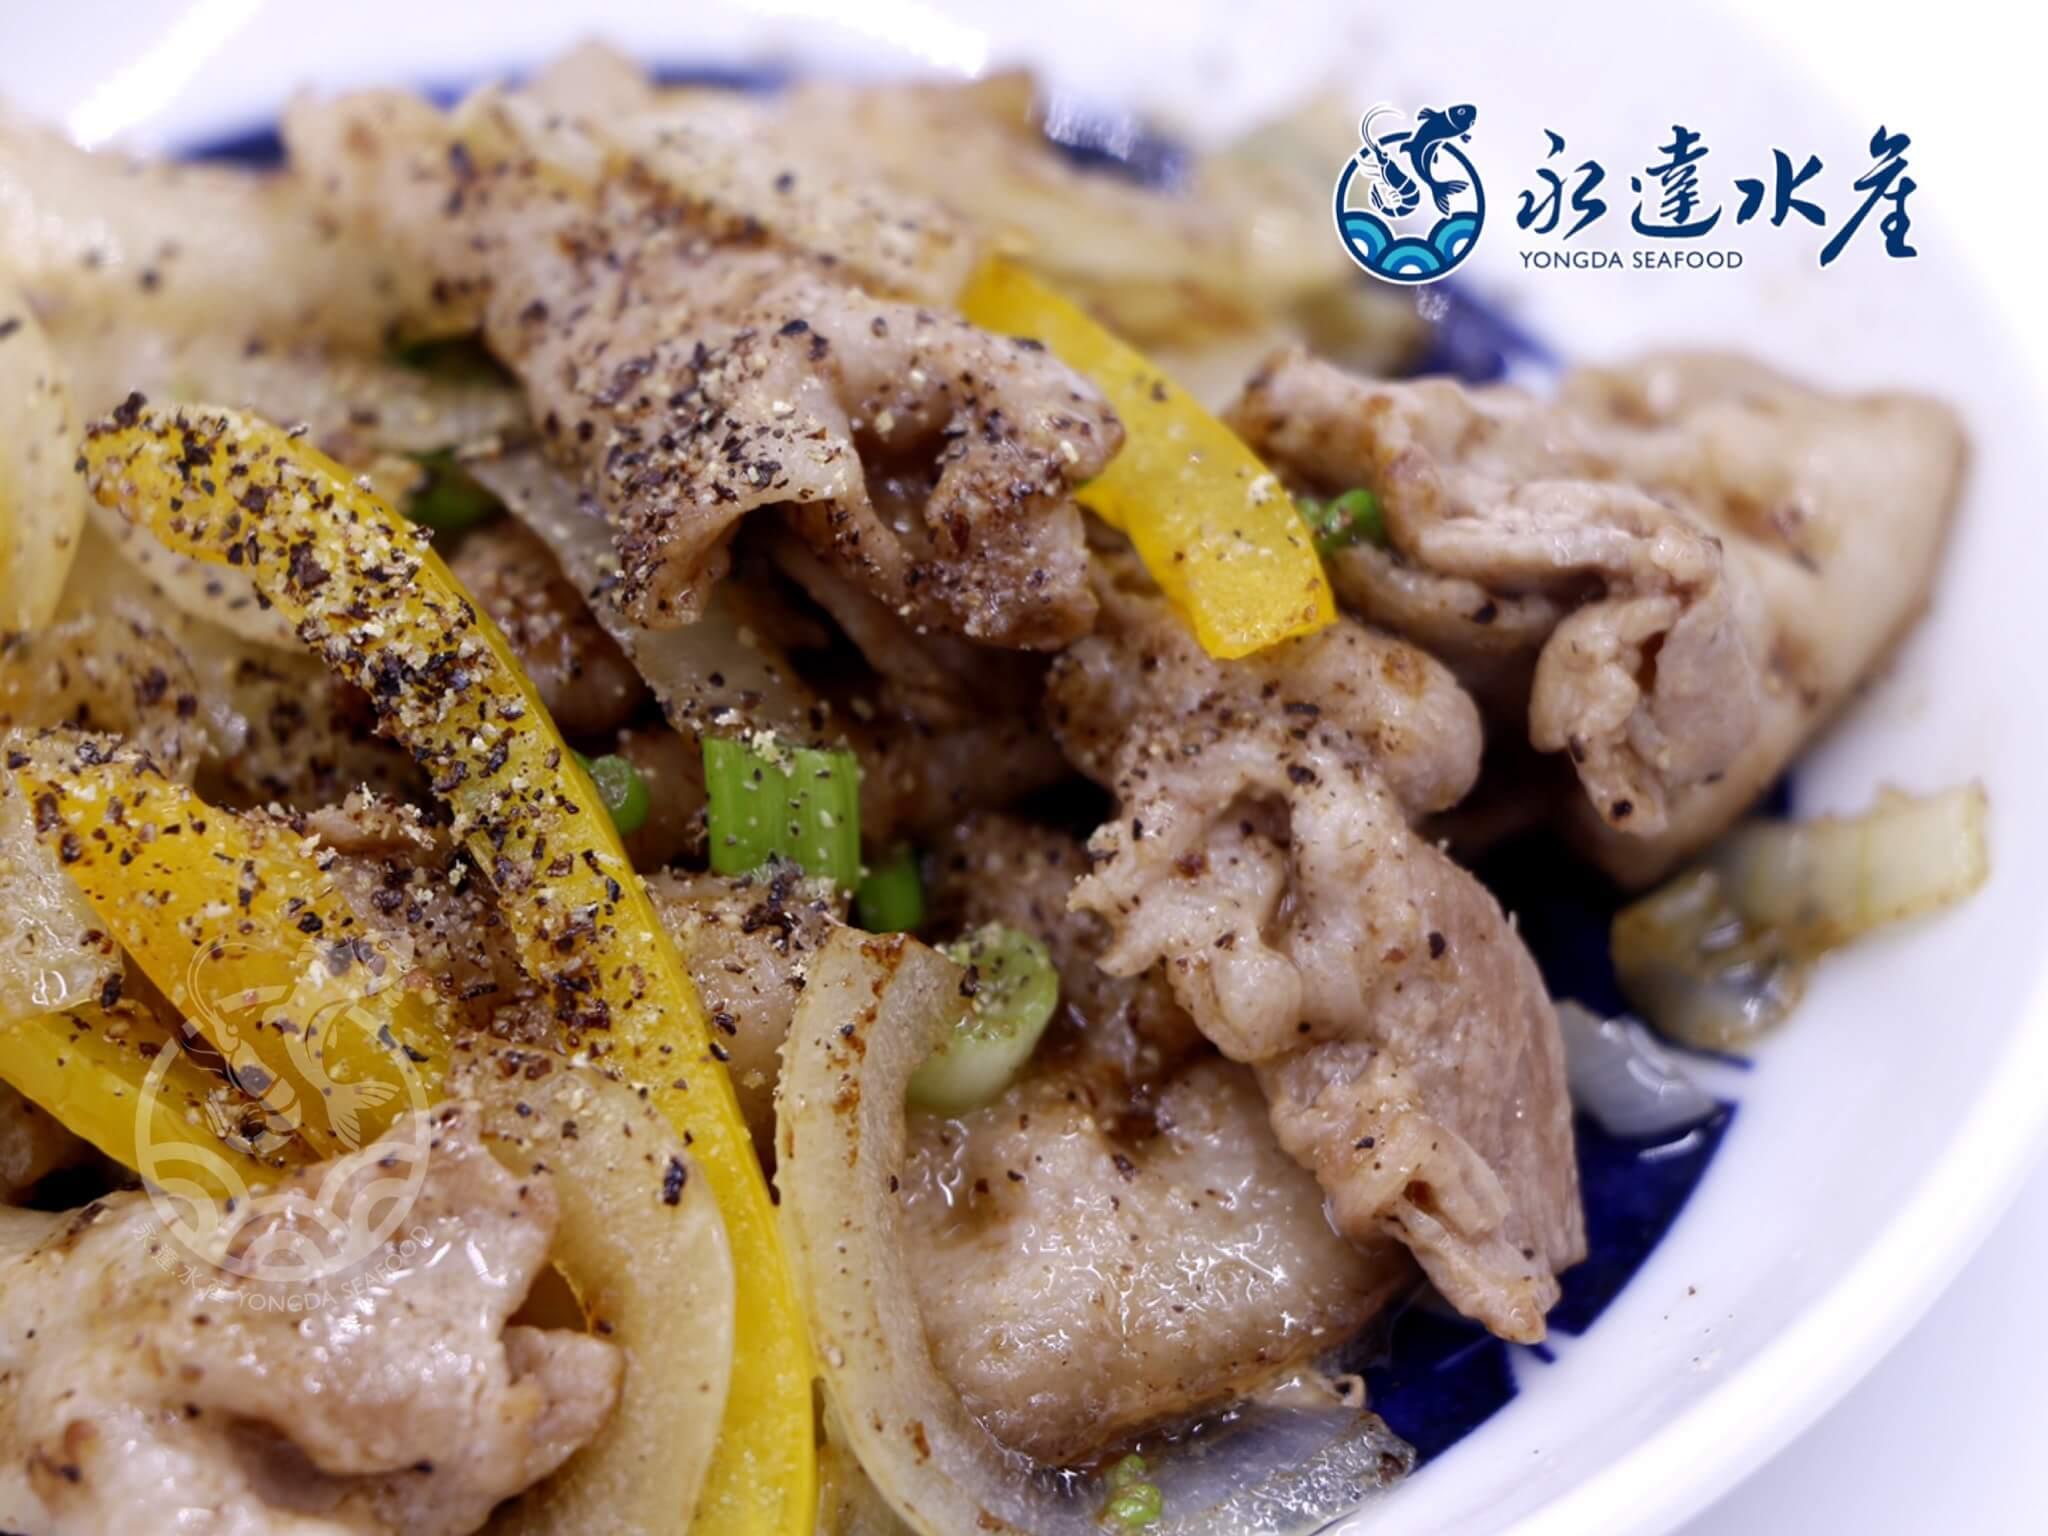 肉品|梅花豬燒烤片|梅花豬肉片|豬肉片|豬肉